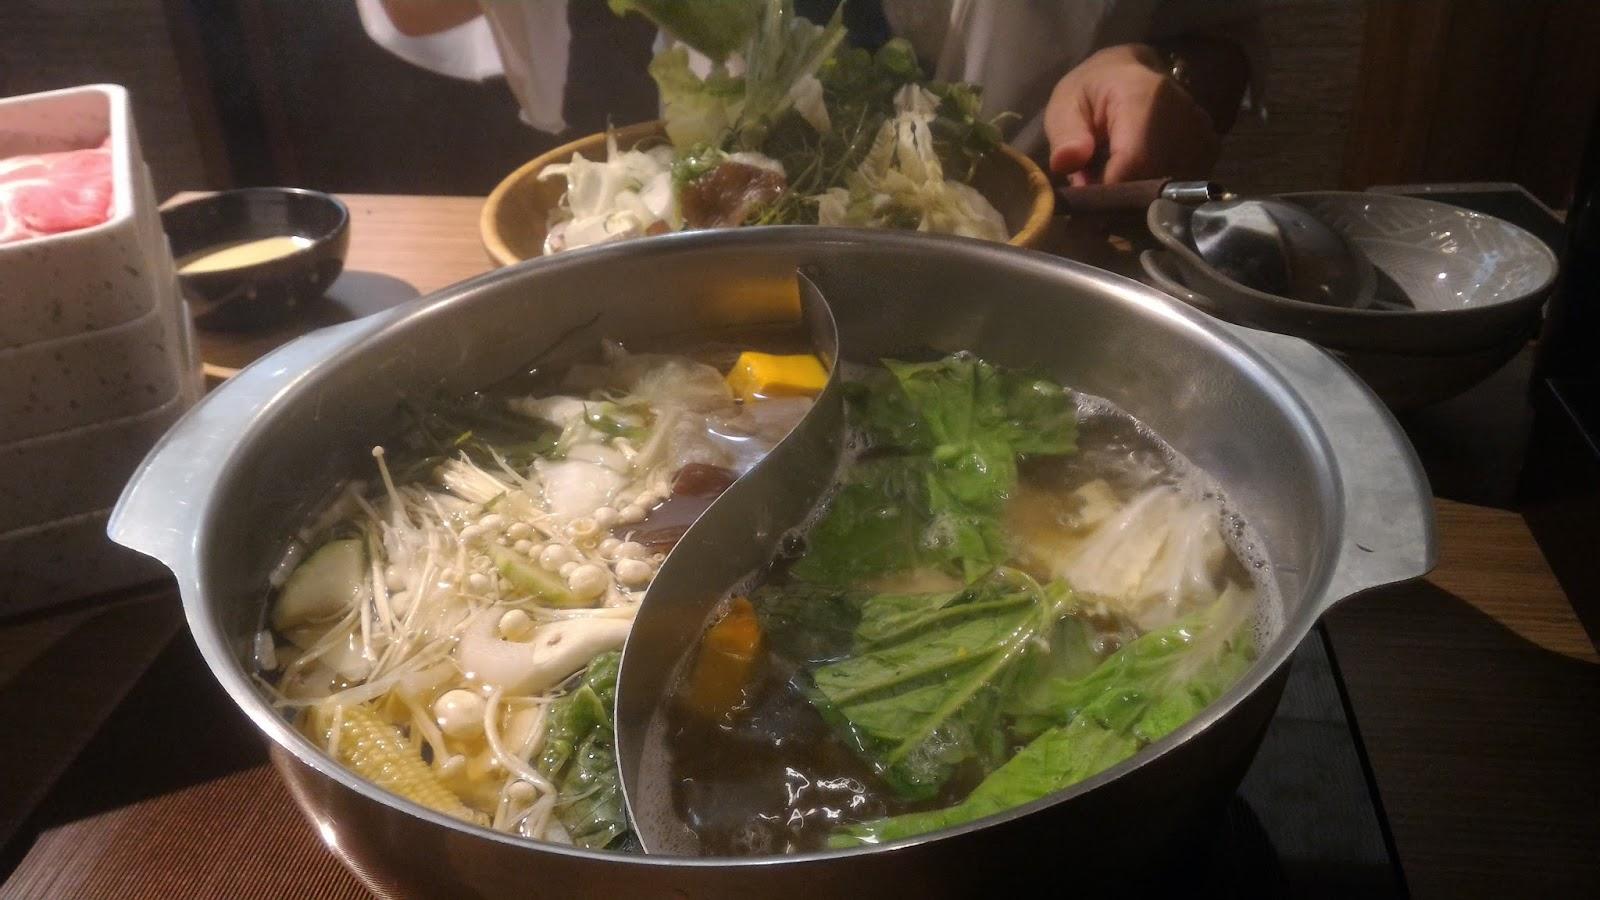 P 20161016 191155 - 【台南東區】涮乃葉吃到飽日式涮涮鍋 - 新鮮蔬菜與手工拉麵,還有超濃郁的霜淇淋!